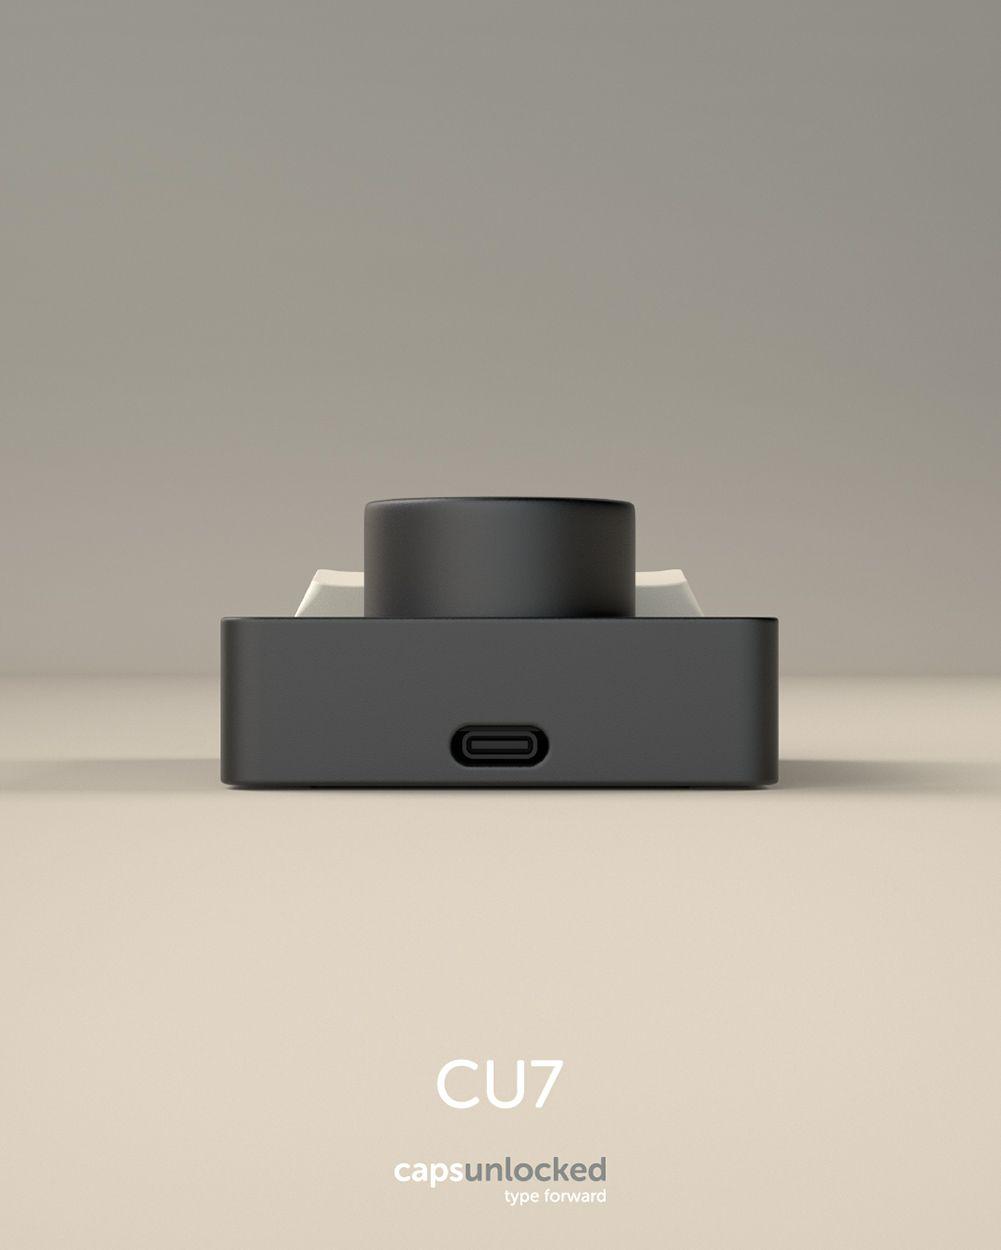 The CU7 Mechanical Keyboard